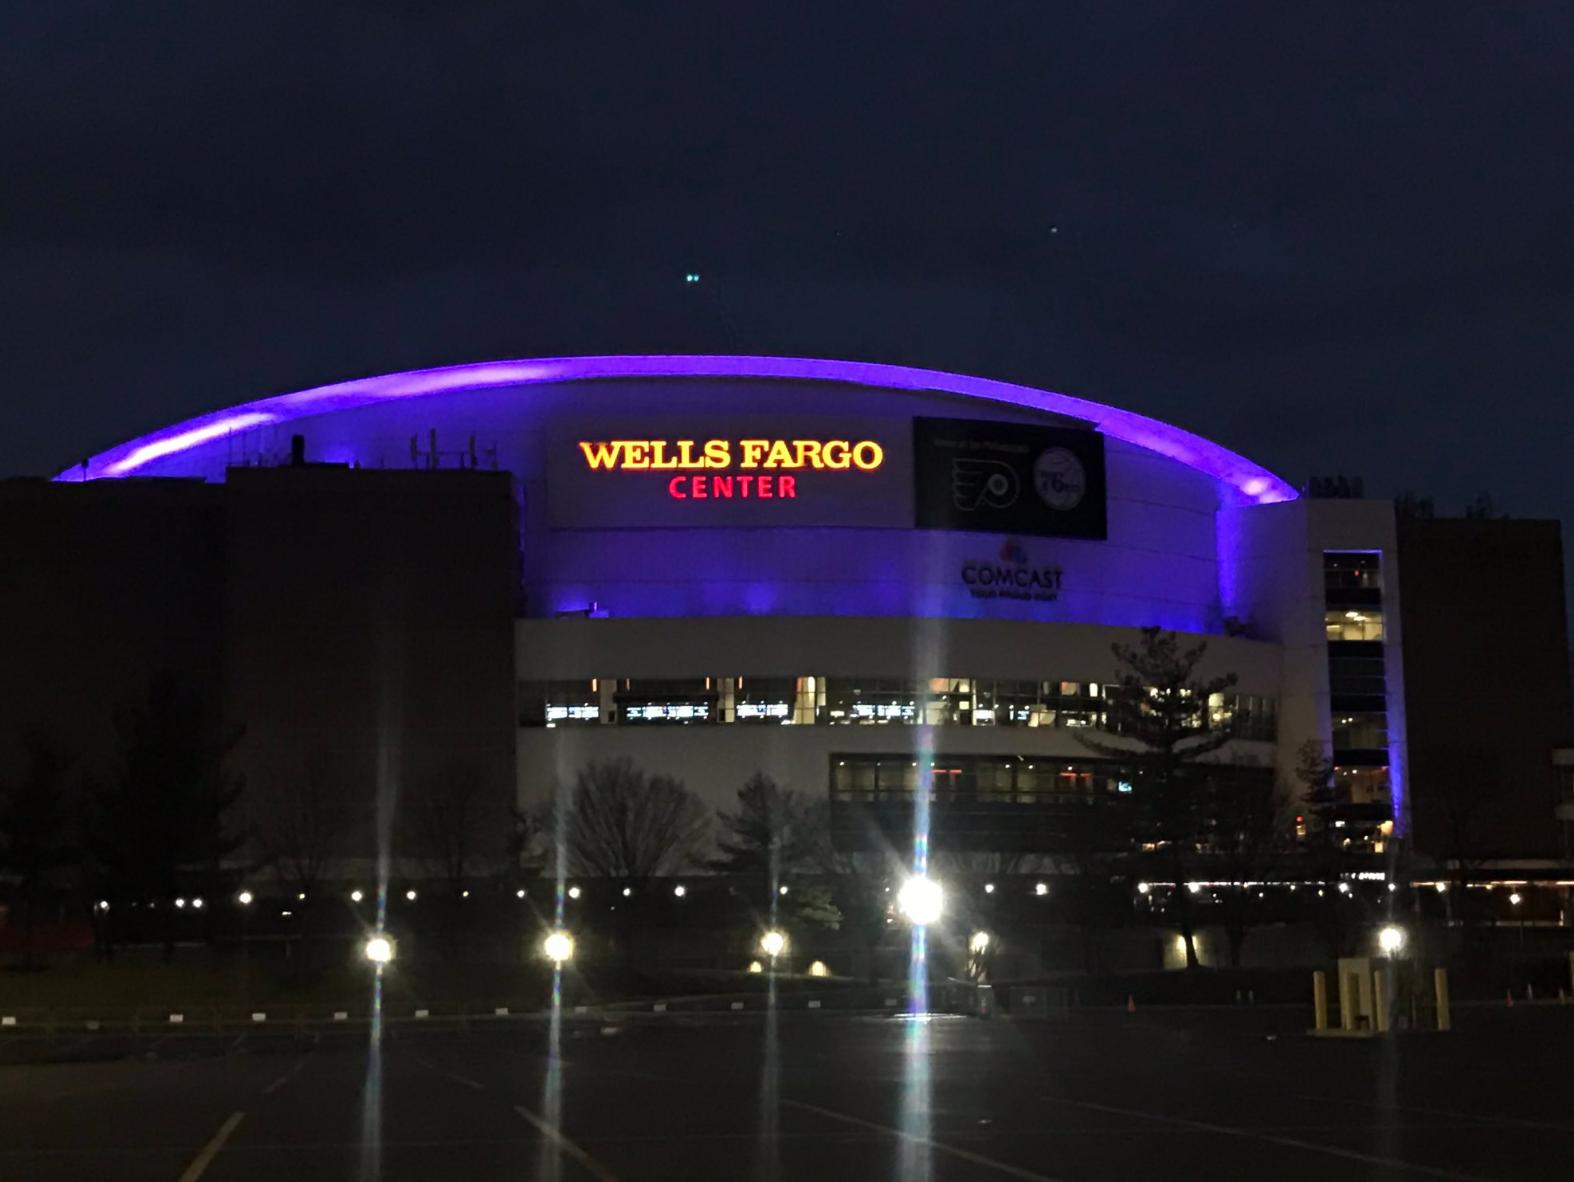 科比家乡费城多处球馆、大桥和高楼点亮紫金灯光纪念科比